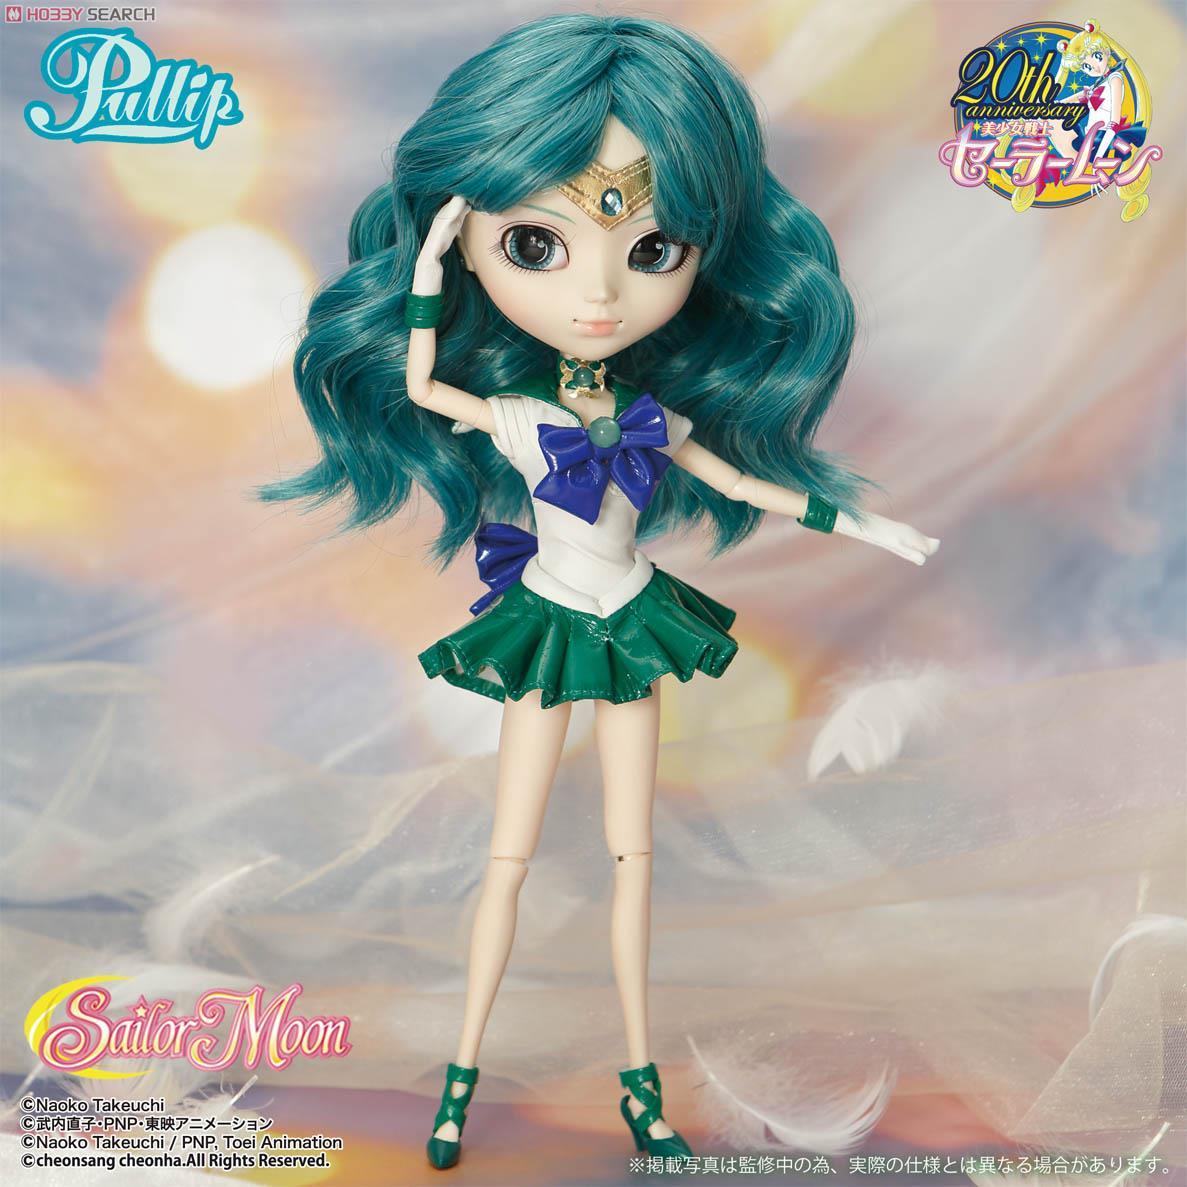 プーリップ / セーラーネプチューン (Sailor Neptune) (ドール)